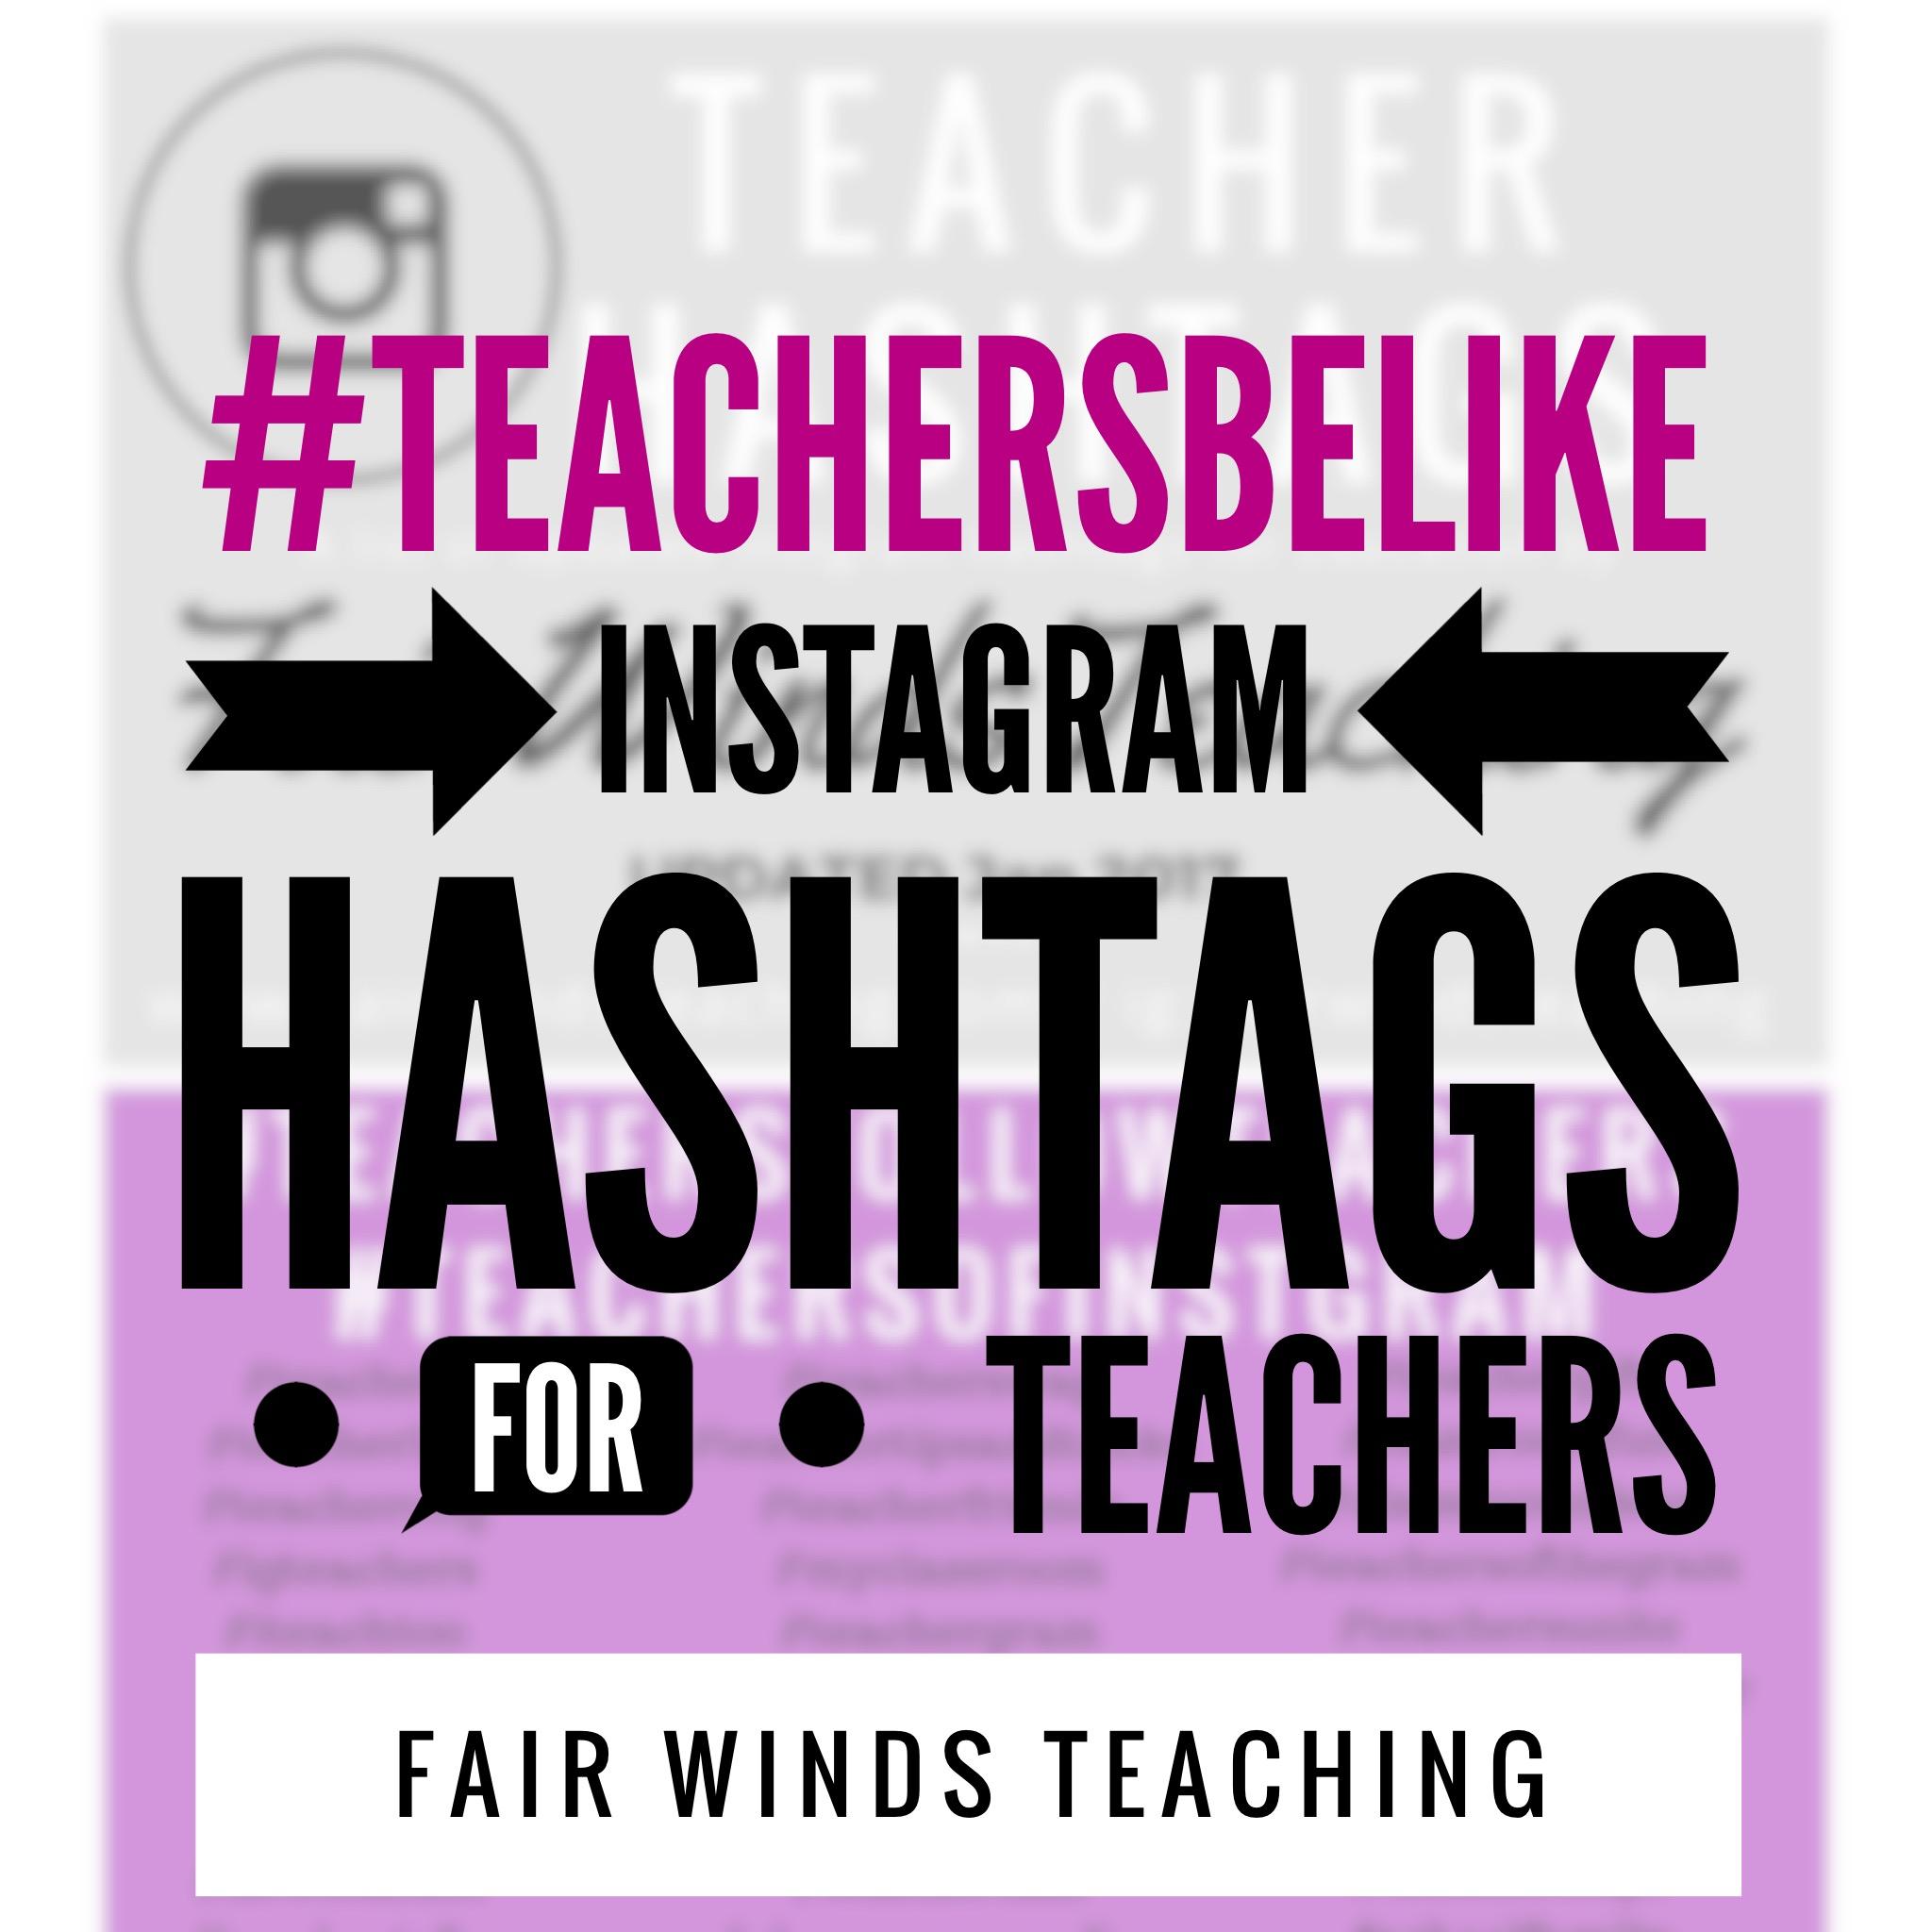 #TeachersBeLike Hashtags for Instagram Teachers